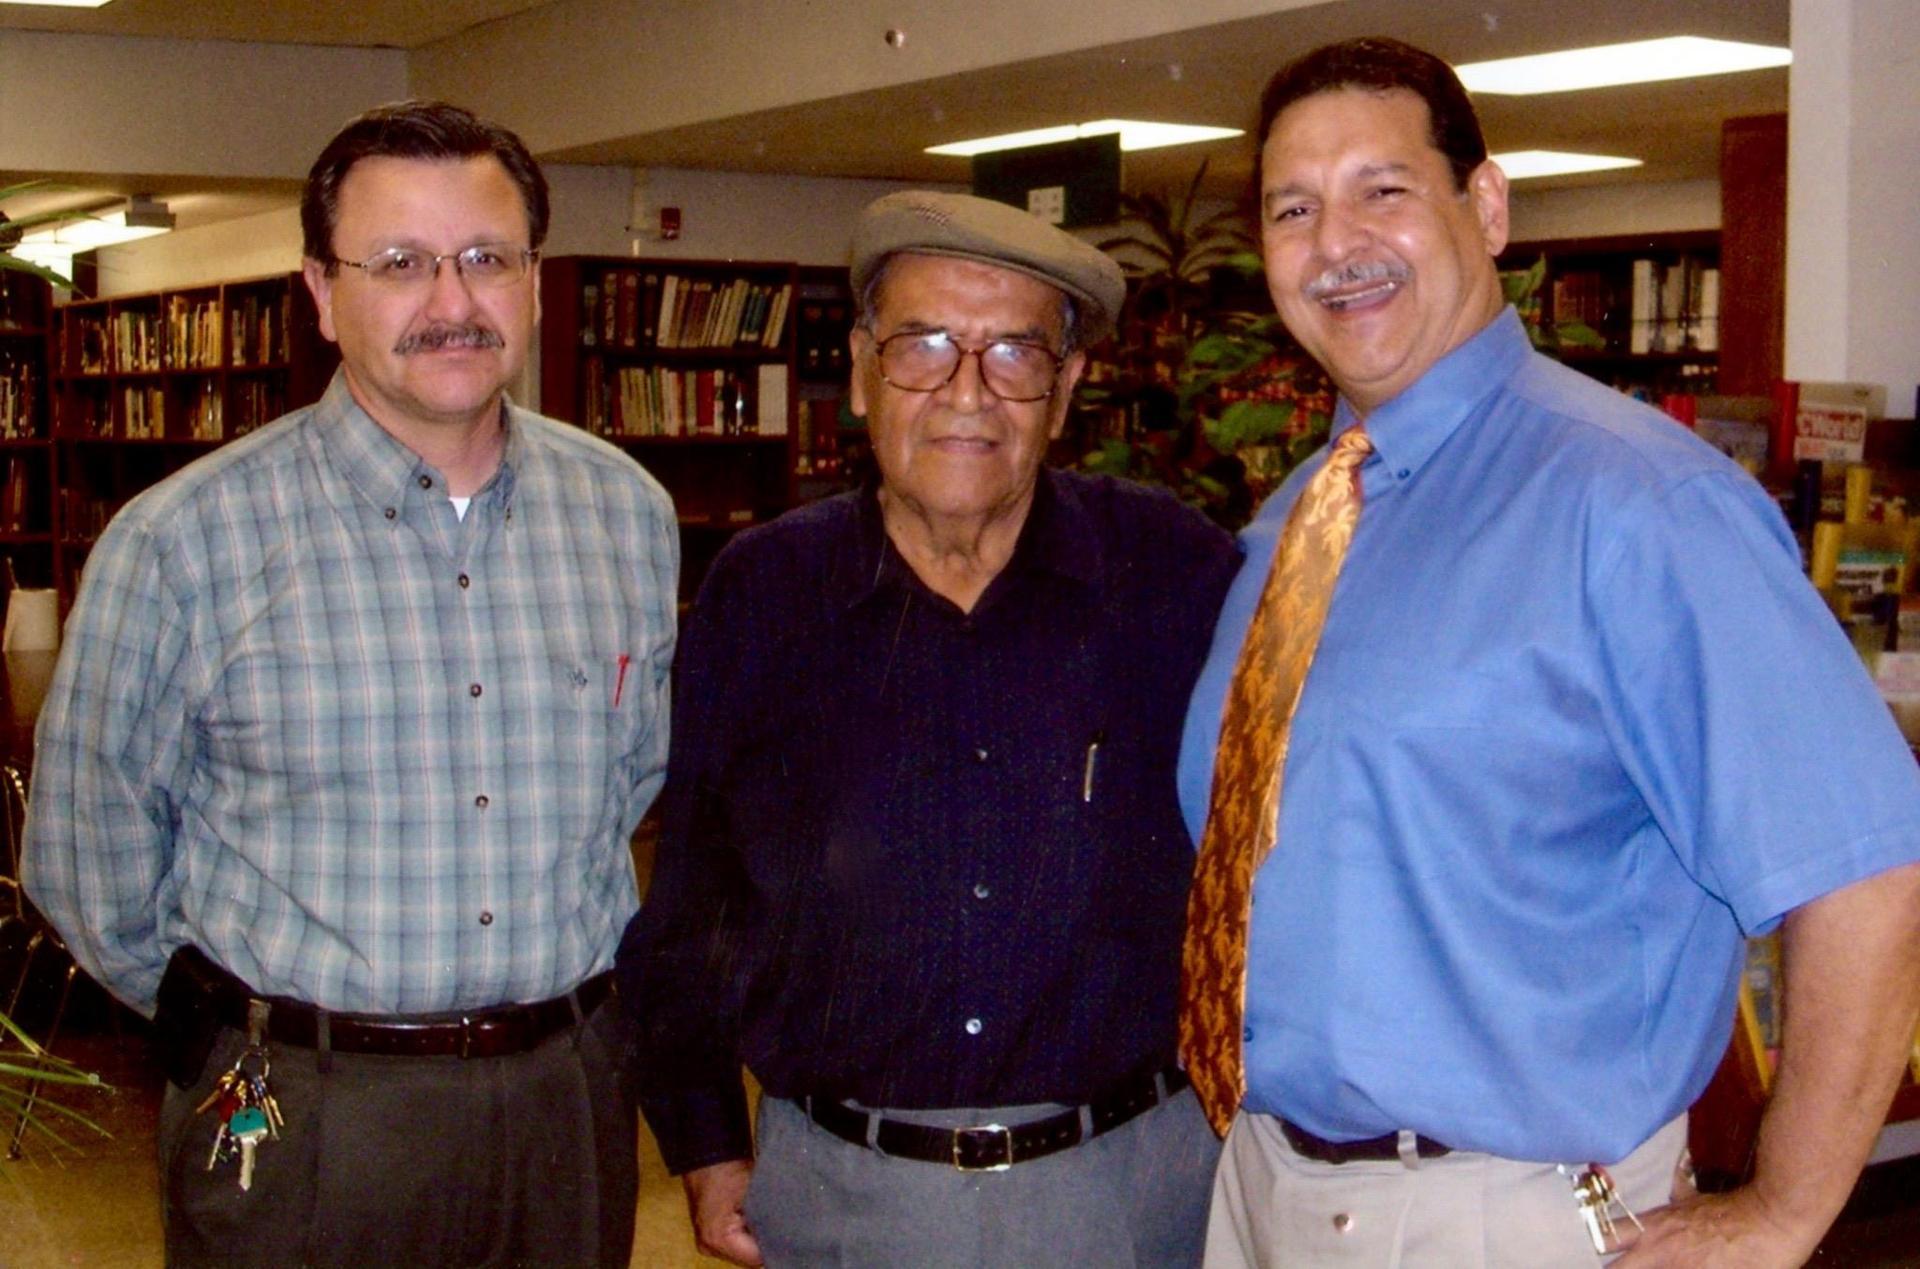 Jaime Escalante at the Library